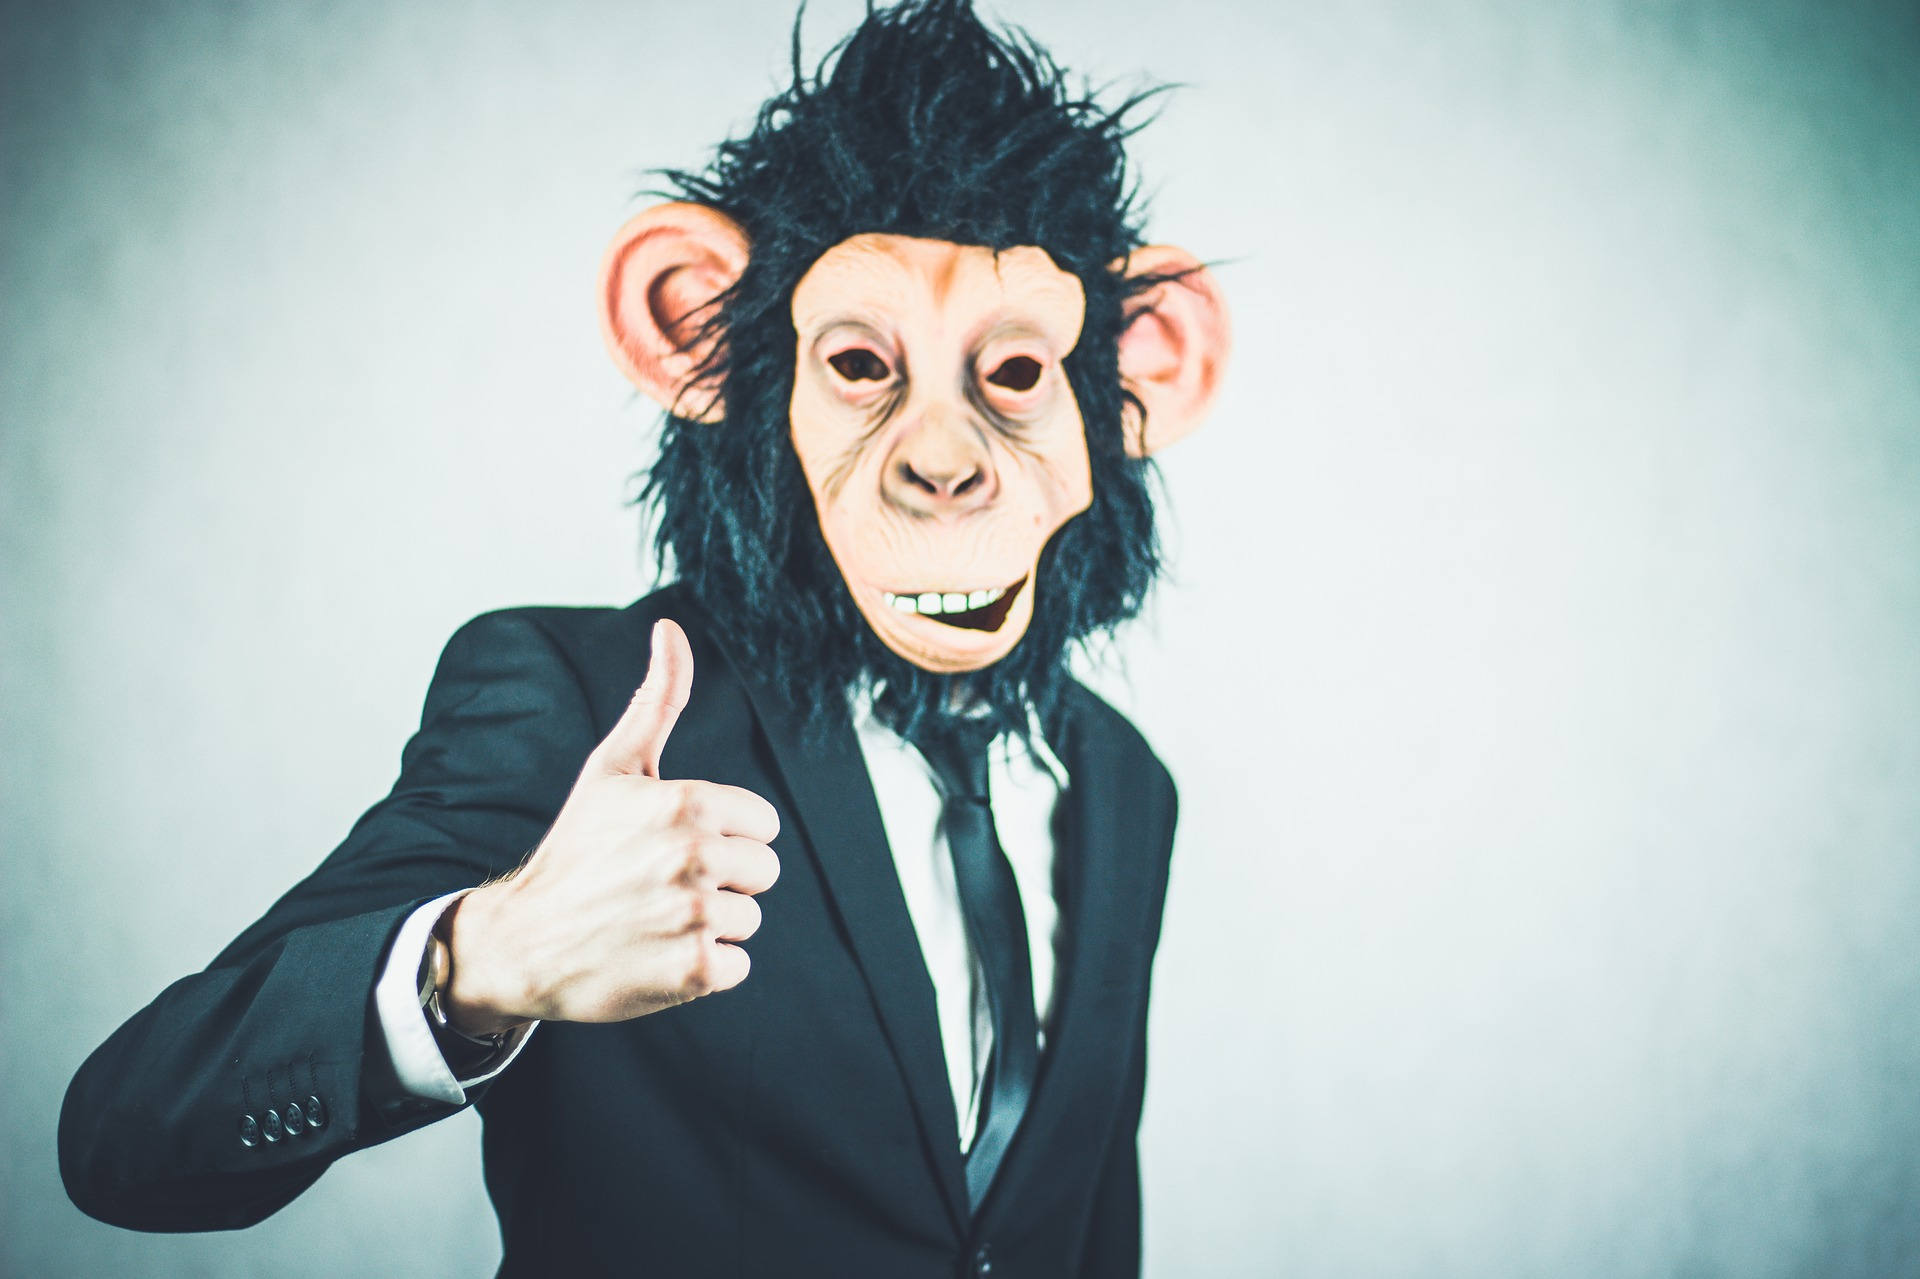 Mensch mit Affenmaske